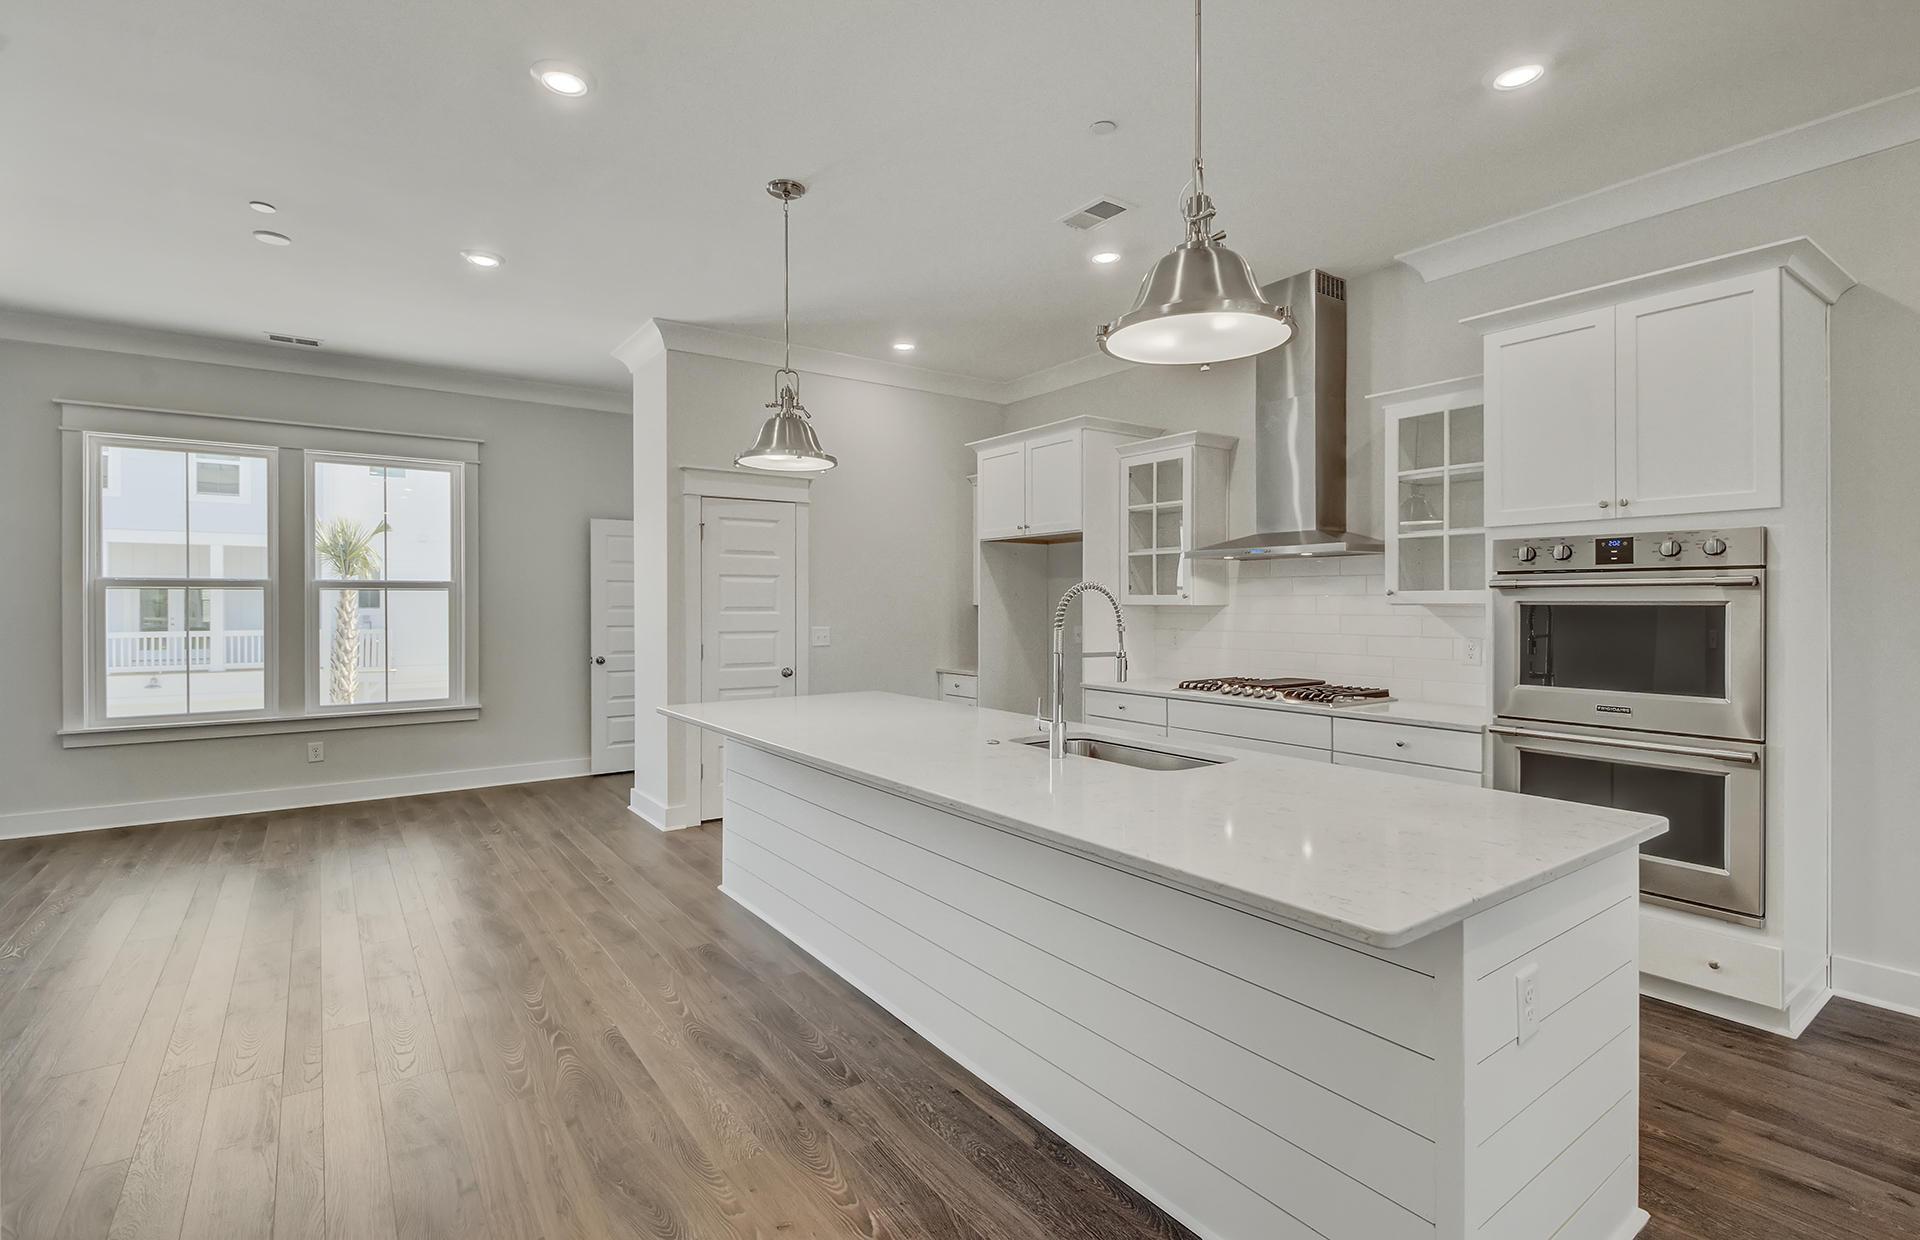 Kings Flats Homes For Sale - 110 Alder, Charleston, SC - 6